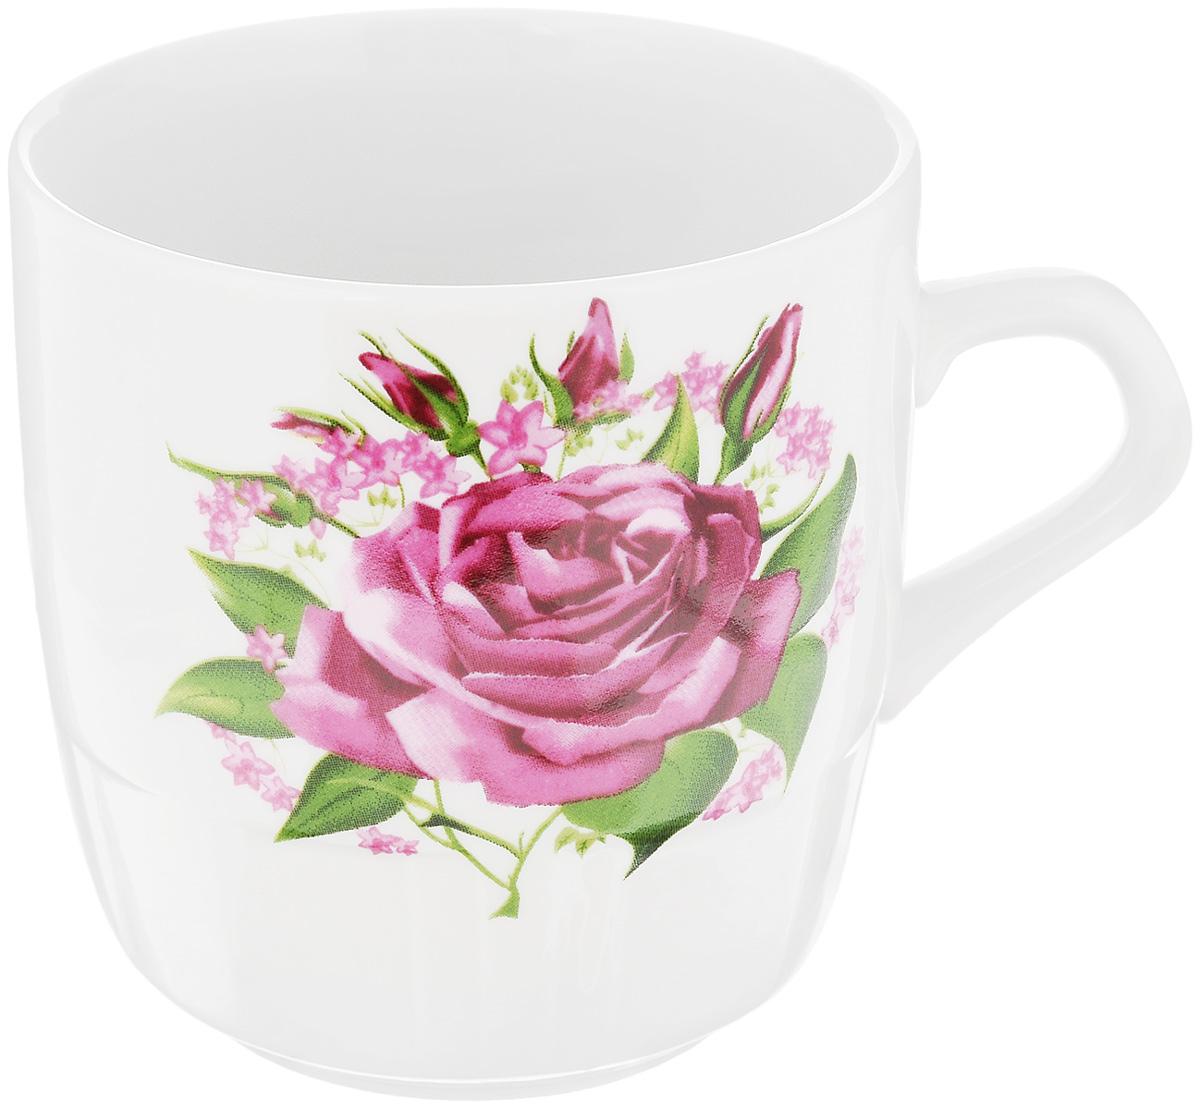 Кружка Фарфор Вербилок Розовые бутоны, 250 мл5811060Кружка Фарфор Вербилок Розовые бутоны способна скрасить любое чаепитие. Изделие выполнено из высококачественного фарфора. Посуда из такого материала позволяет сохранить истинный вкус напитка, а также помогает ему дольше оставаться теплым. Диаметр по верхнему краю: 8 см. Высота кружки: 8,5 см.